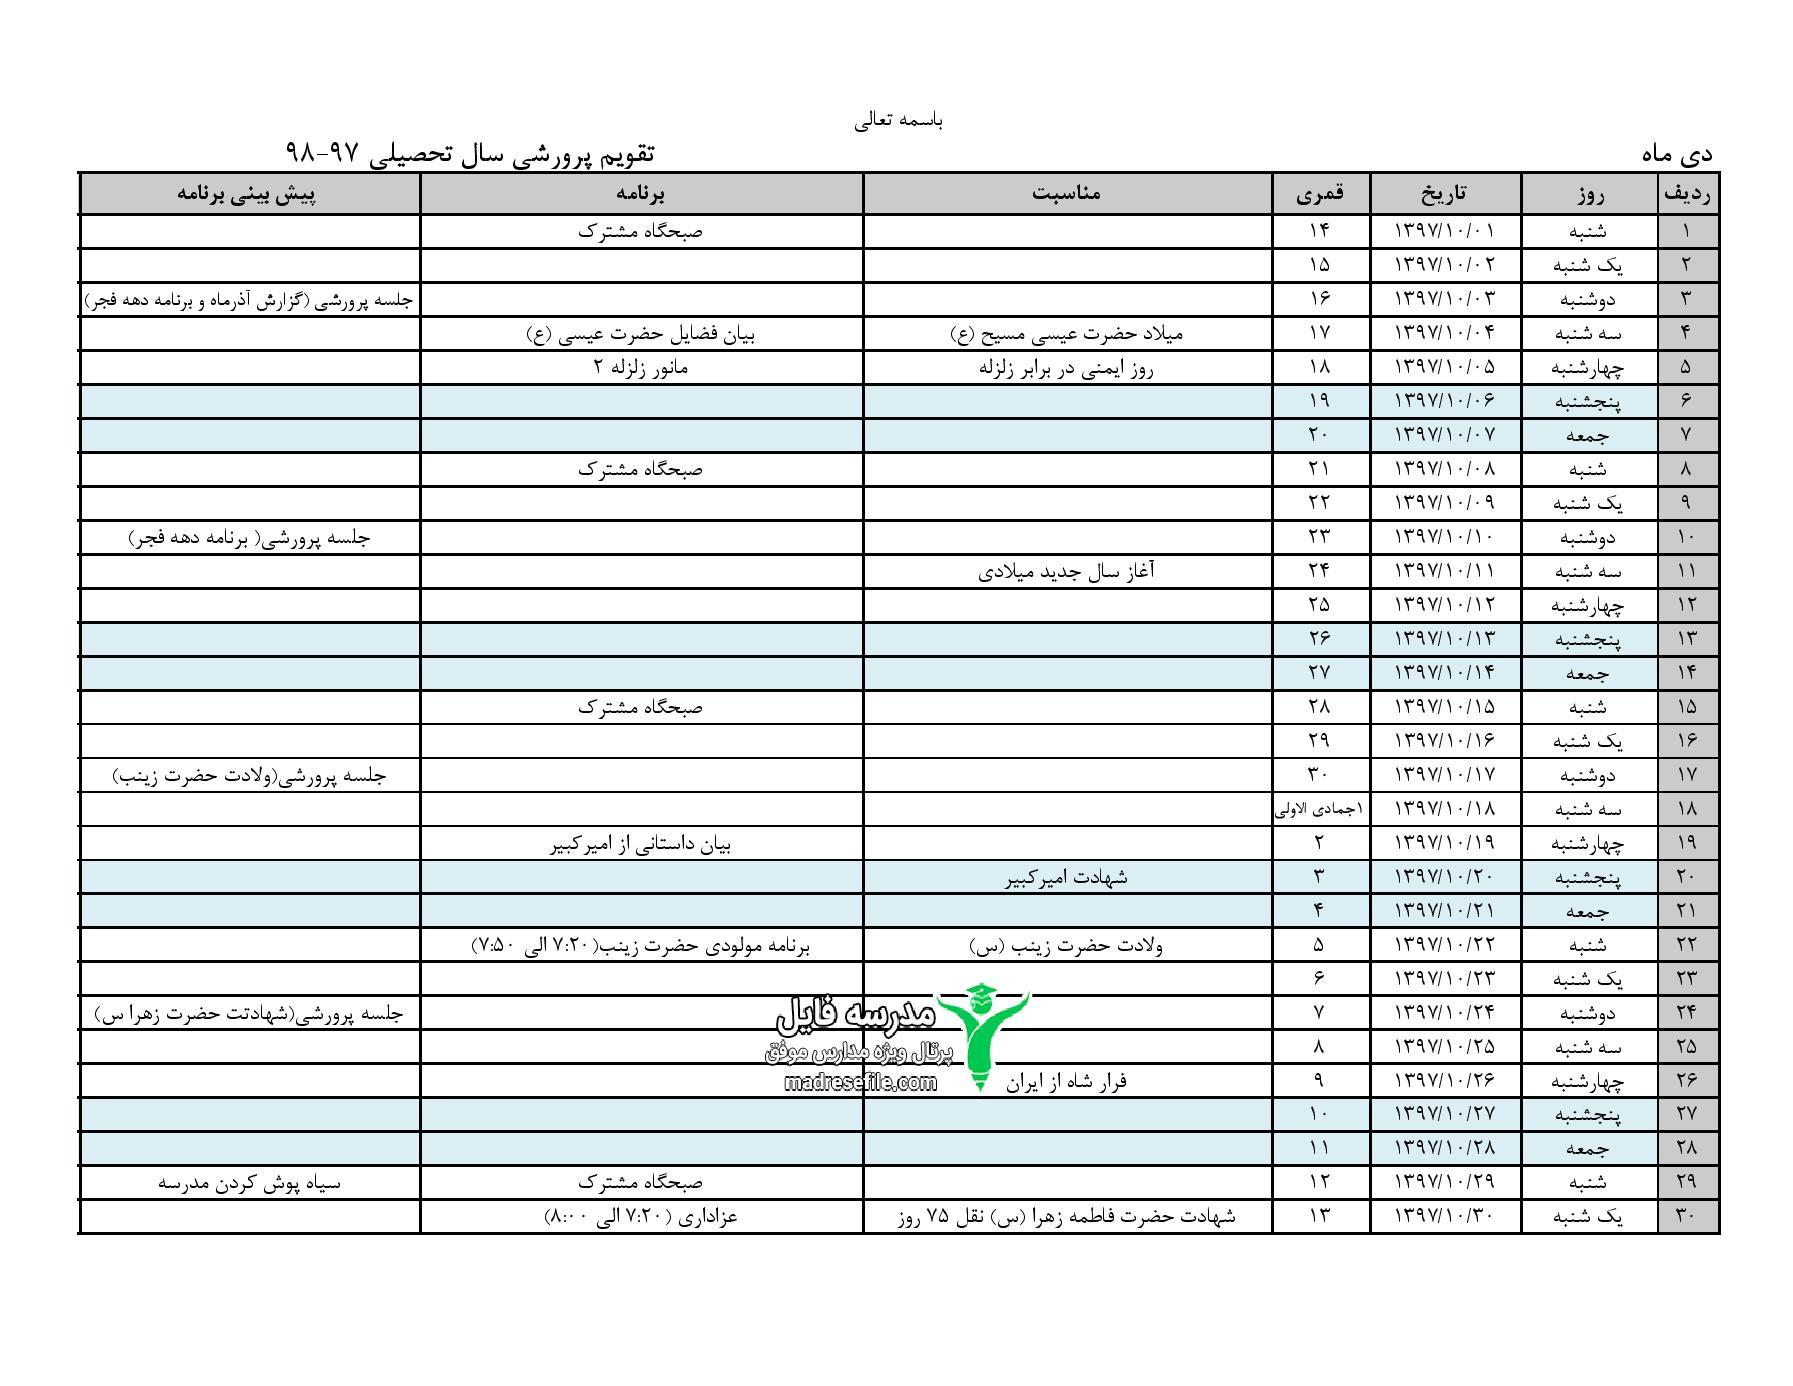 تقویم اجرایی و برنامه سالانه پرورشی دی ماه 97